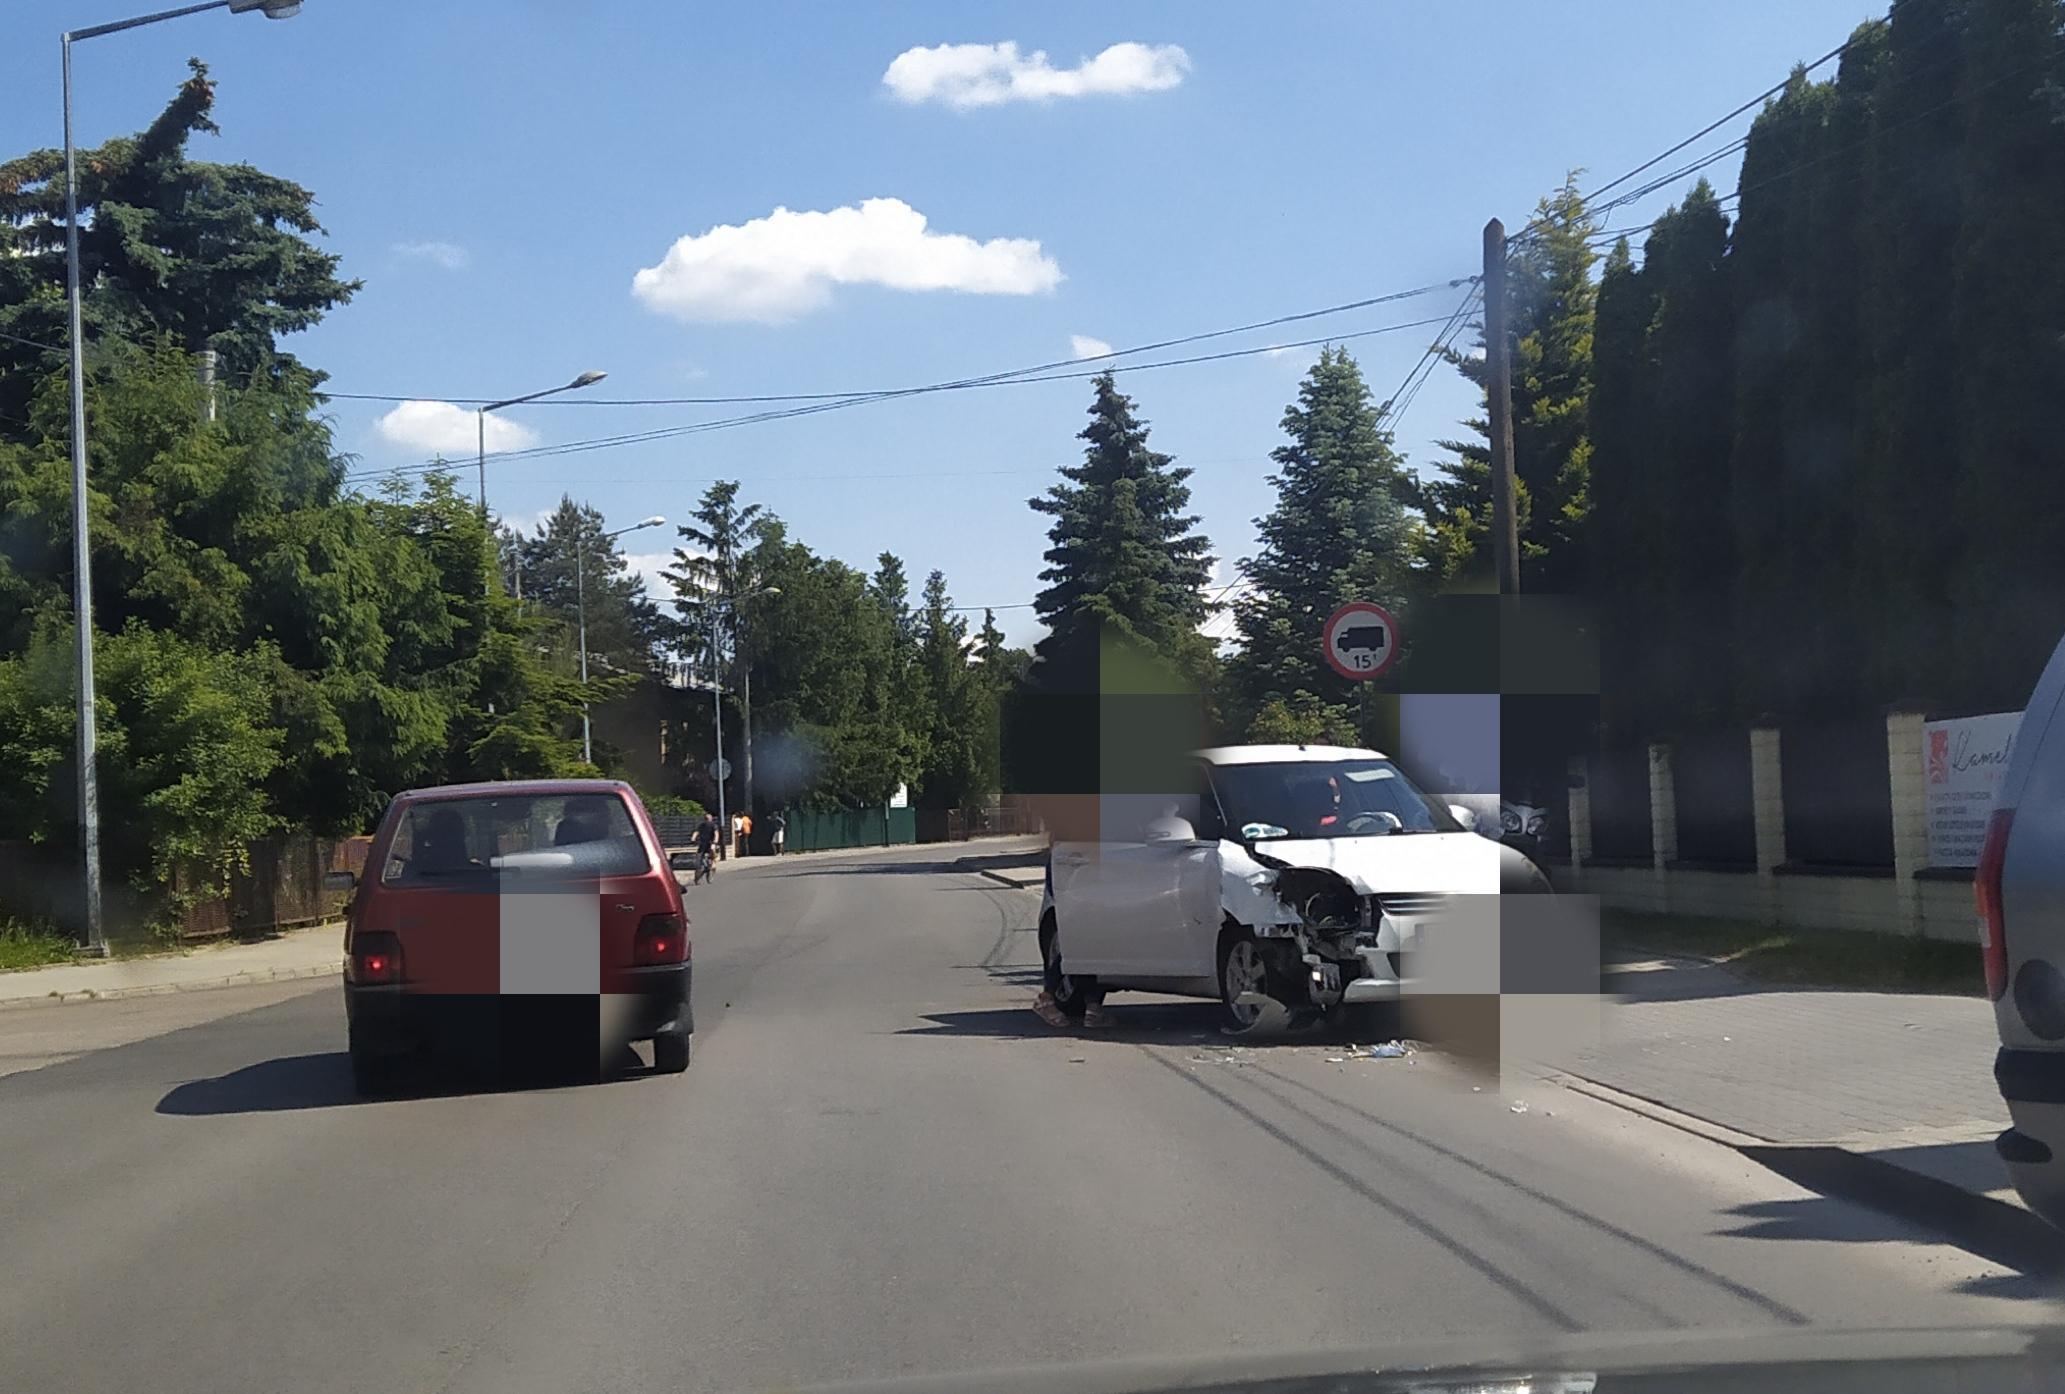 Kolizja na skrzyżowaniu - Zdjęcie główne